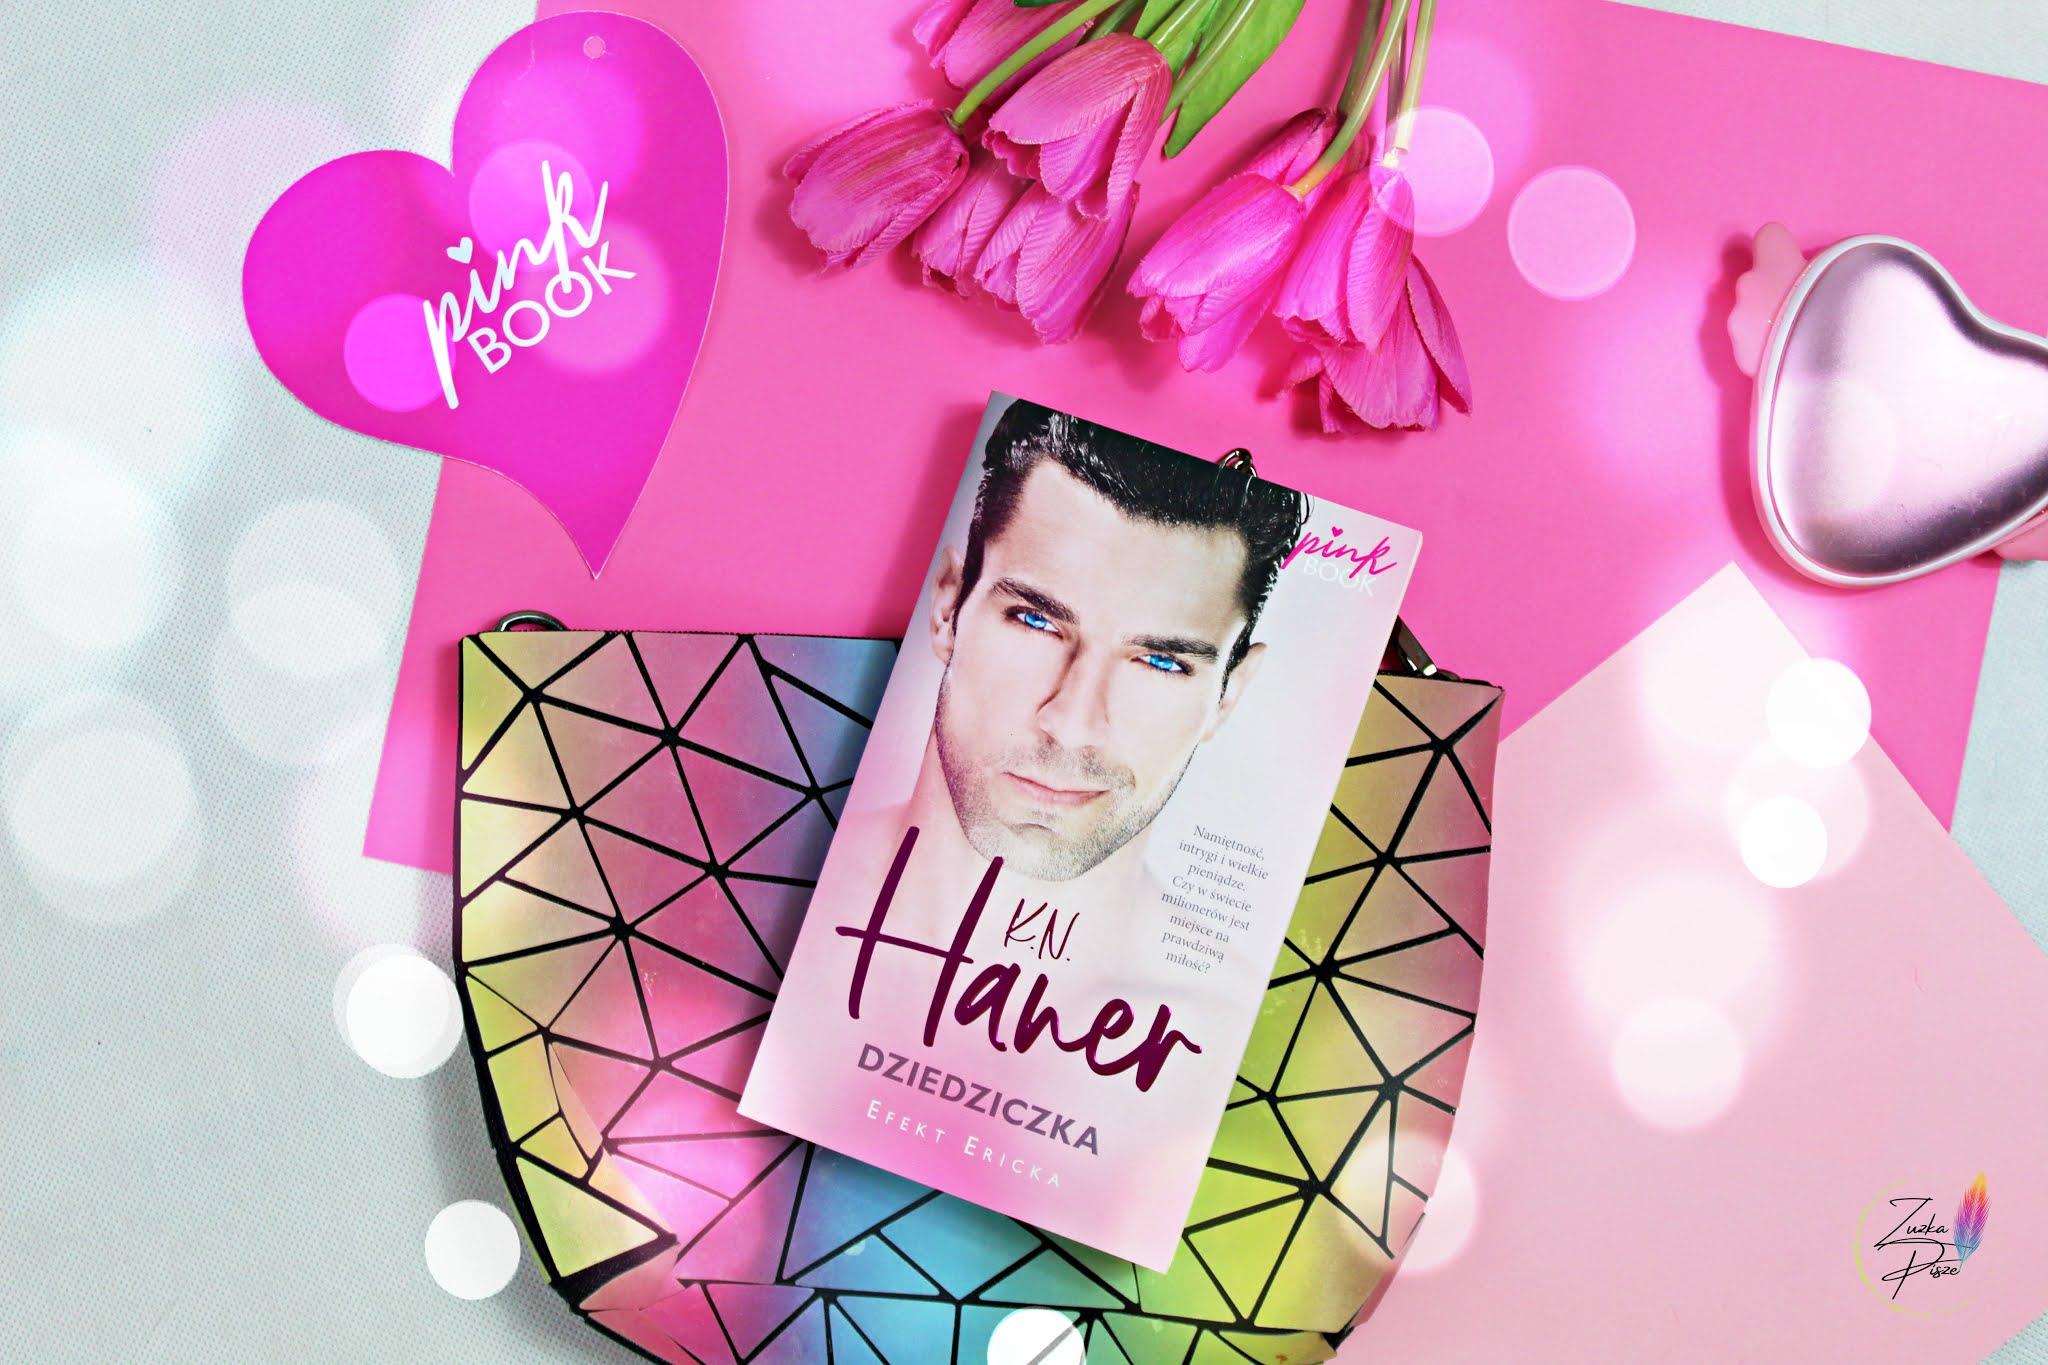 """K. N. Haner """"Dziedziczka. Efekt Ericka"""" - PINK BOOK - recenzja książki"""